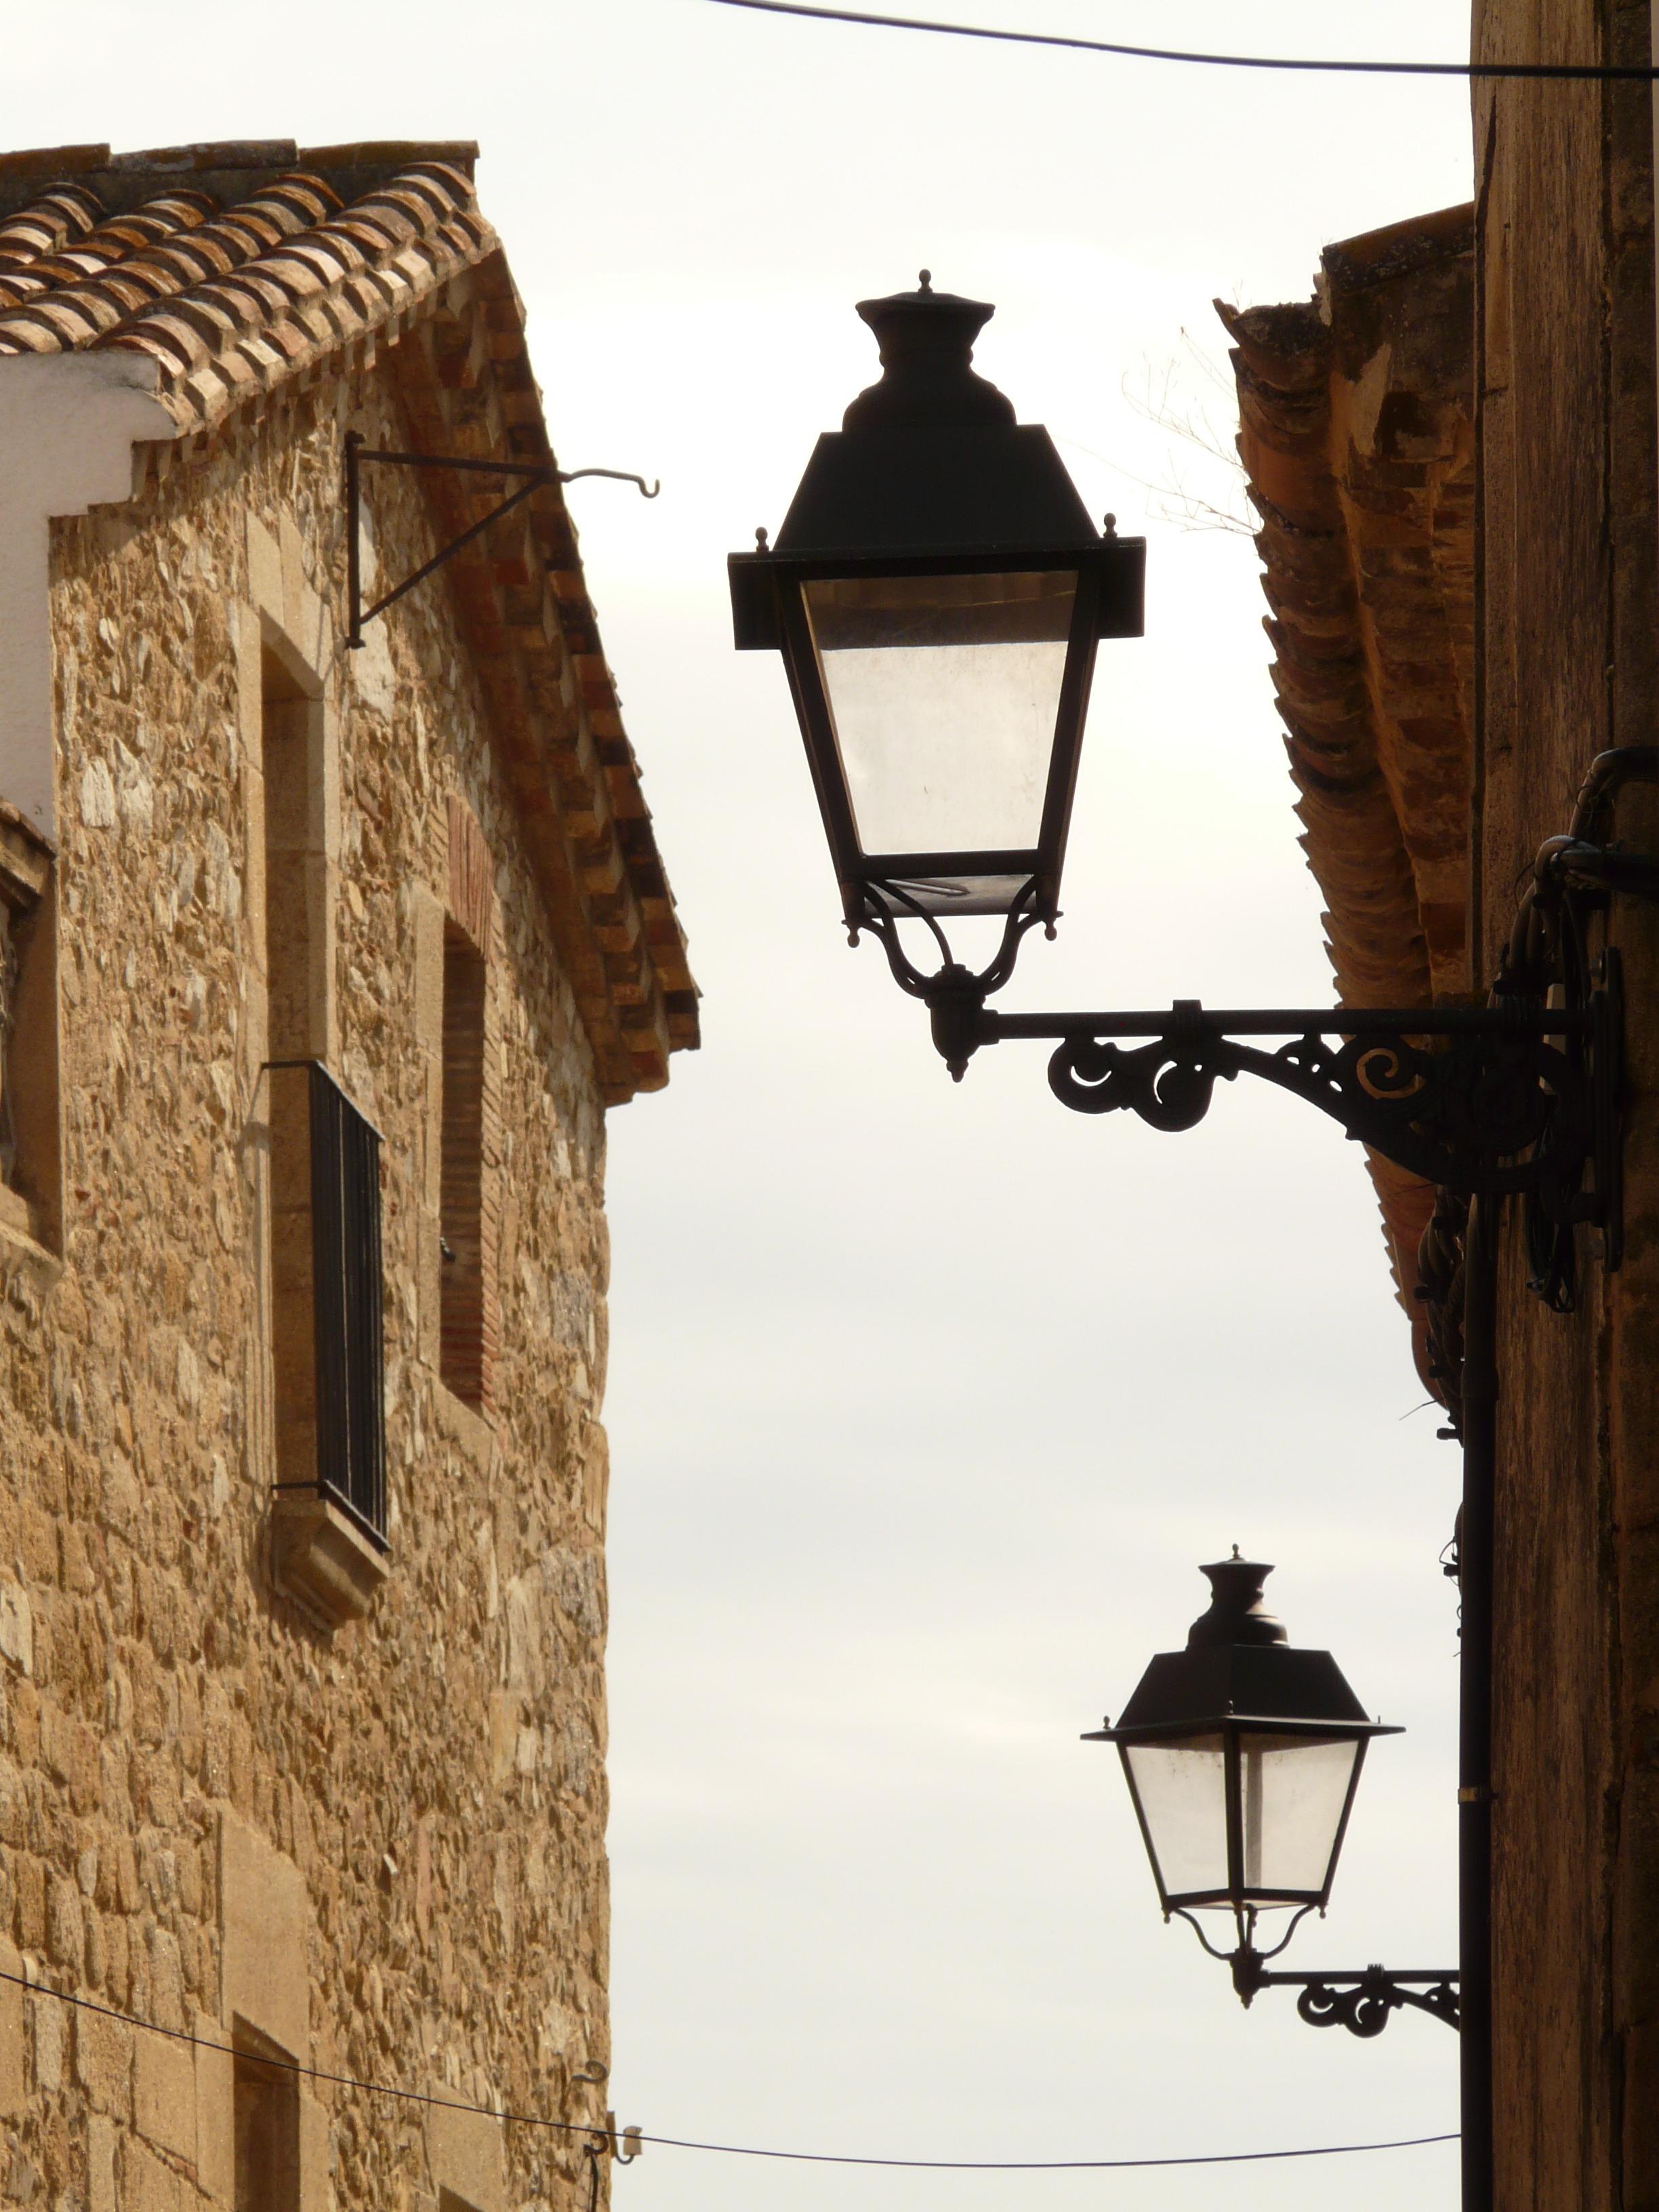 Lumière bois route maison fenêtre ruelle ville mur pierre village vivre éclairage public éclairage maisons luminaire